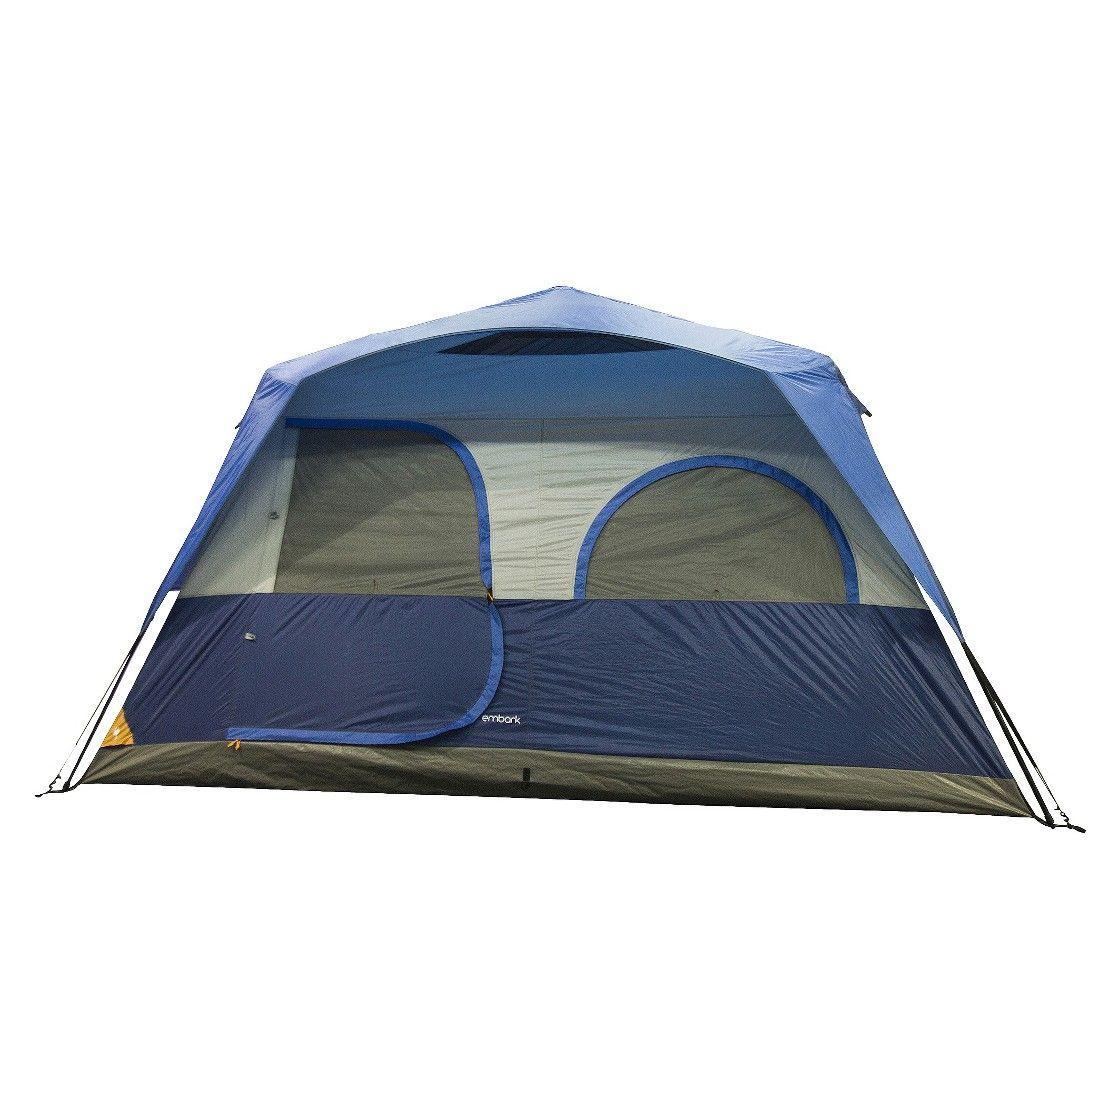 Embark Insta-up 8 Person Tent  sc 1 st  Pinterest & Embark Insta-up 8 Person Tent | @Christmas | Pinterest | Tents